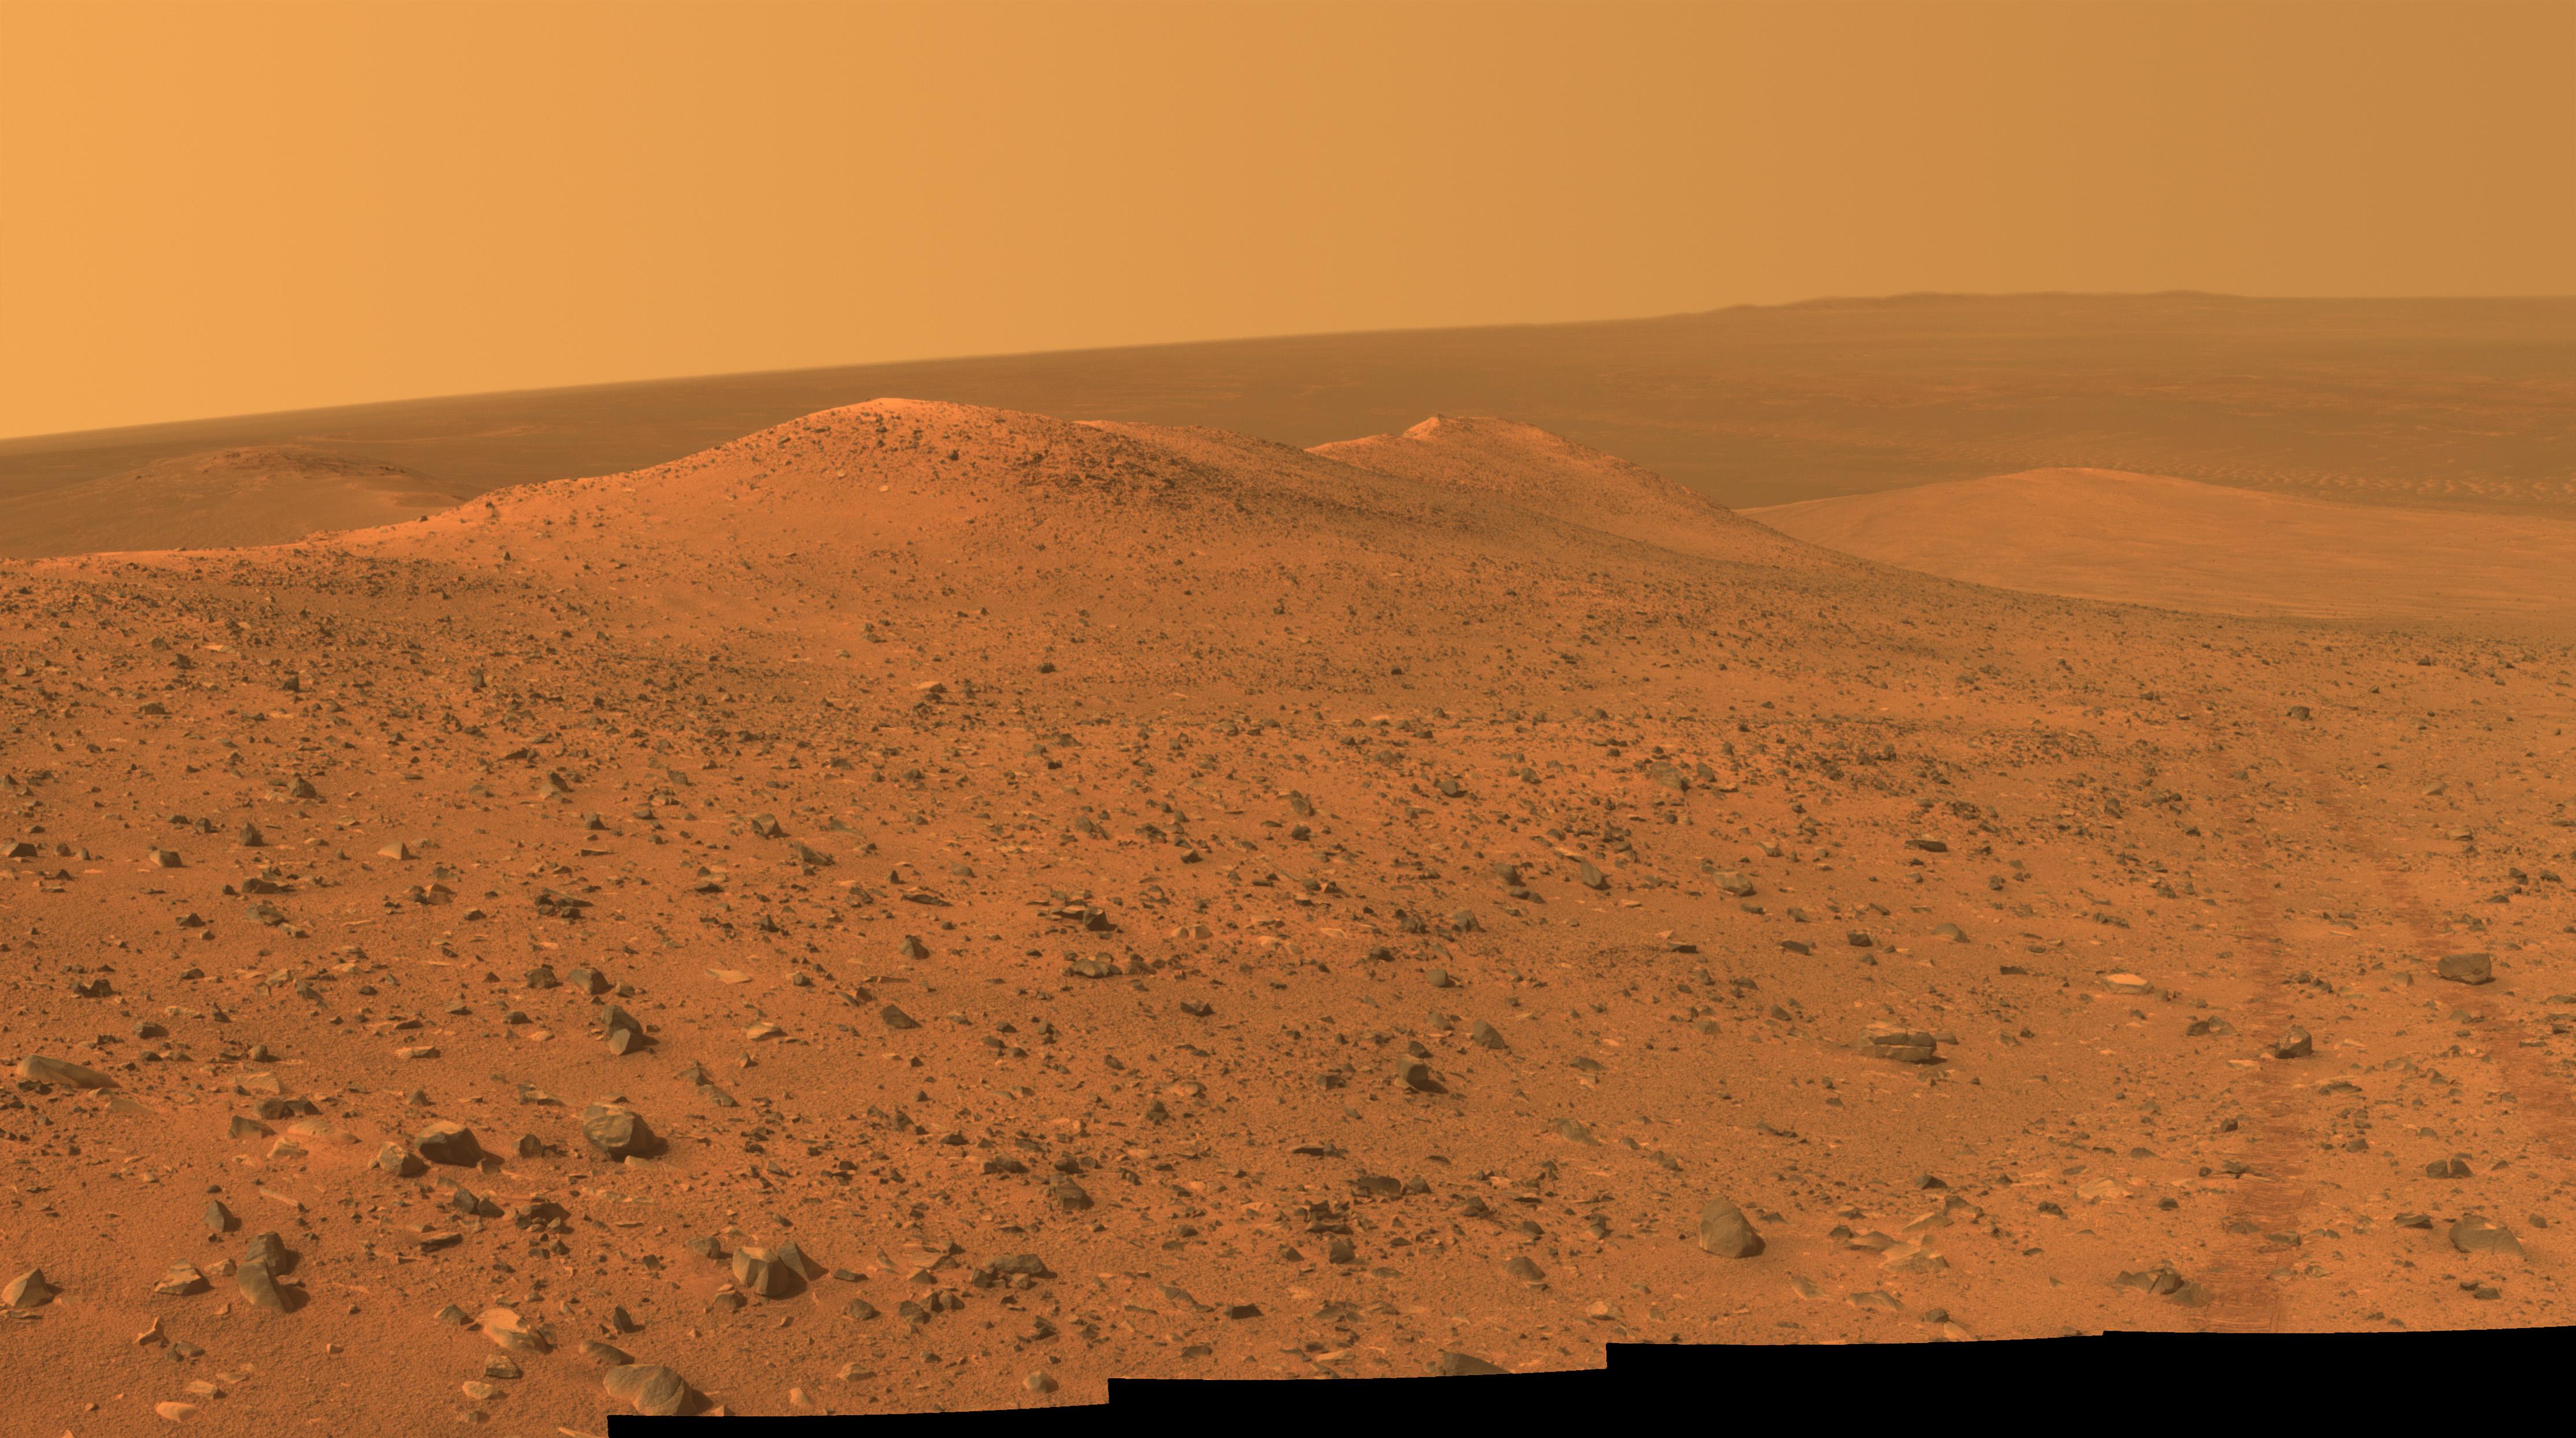 nasa images of mars - photo #24